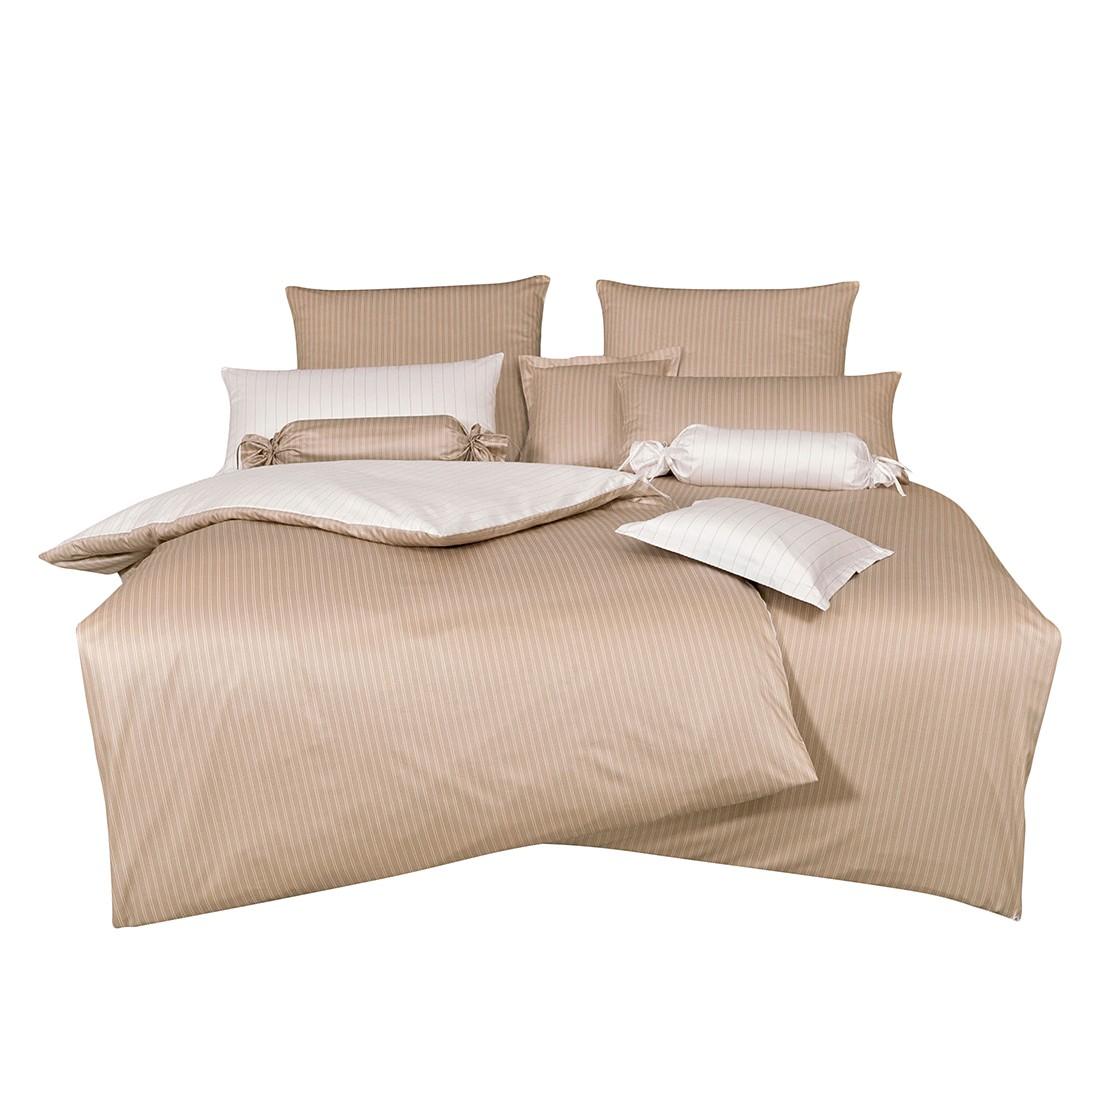 Home 24 - Parure de lit classic ii - beige / blanc - 135 x 200 cm + coussin 80 x 80 cm, janine